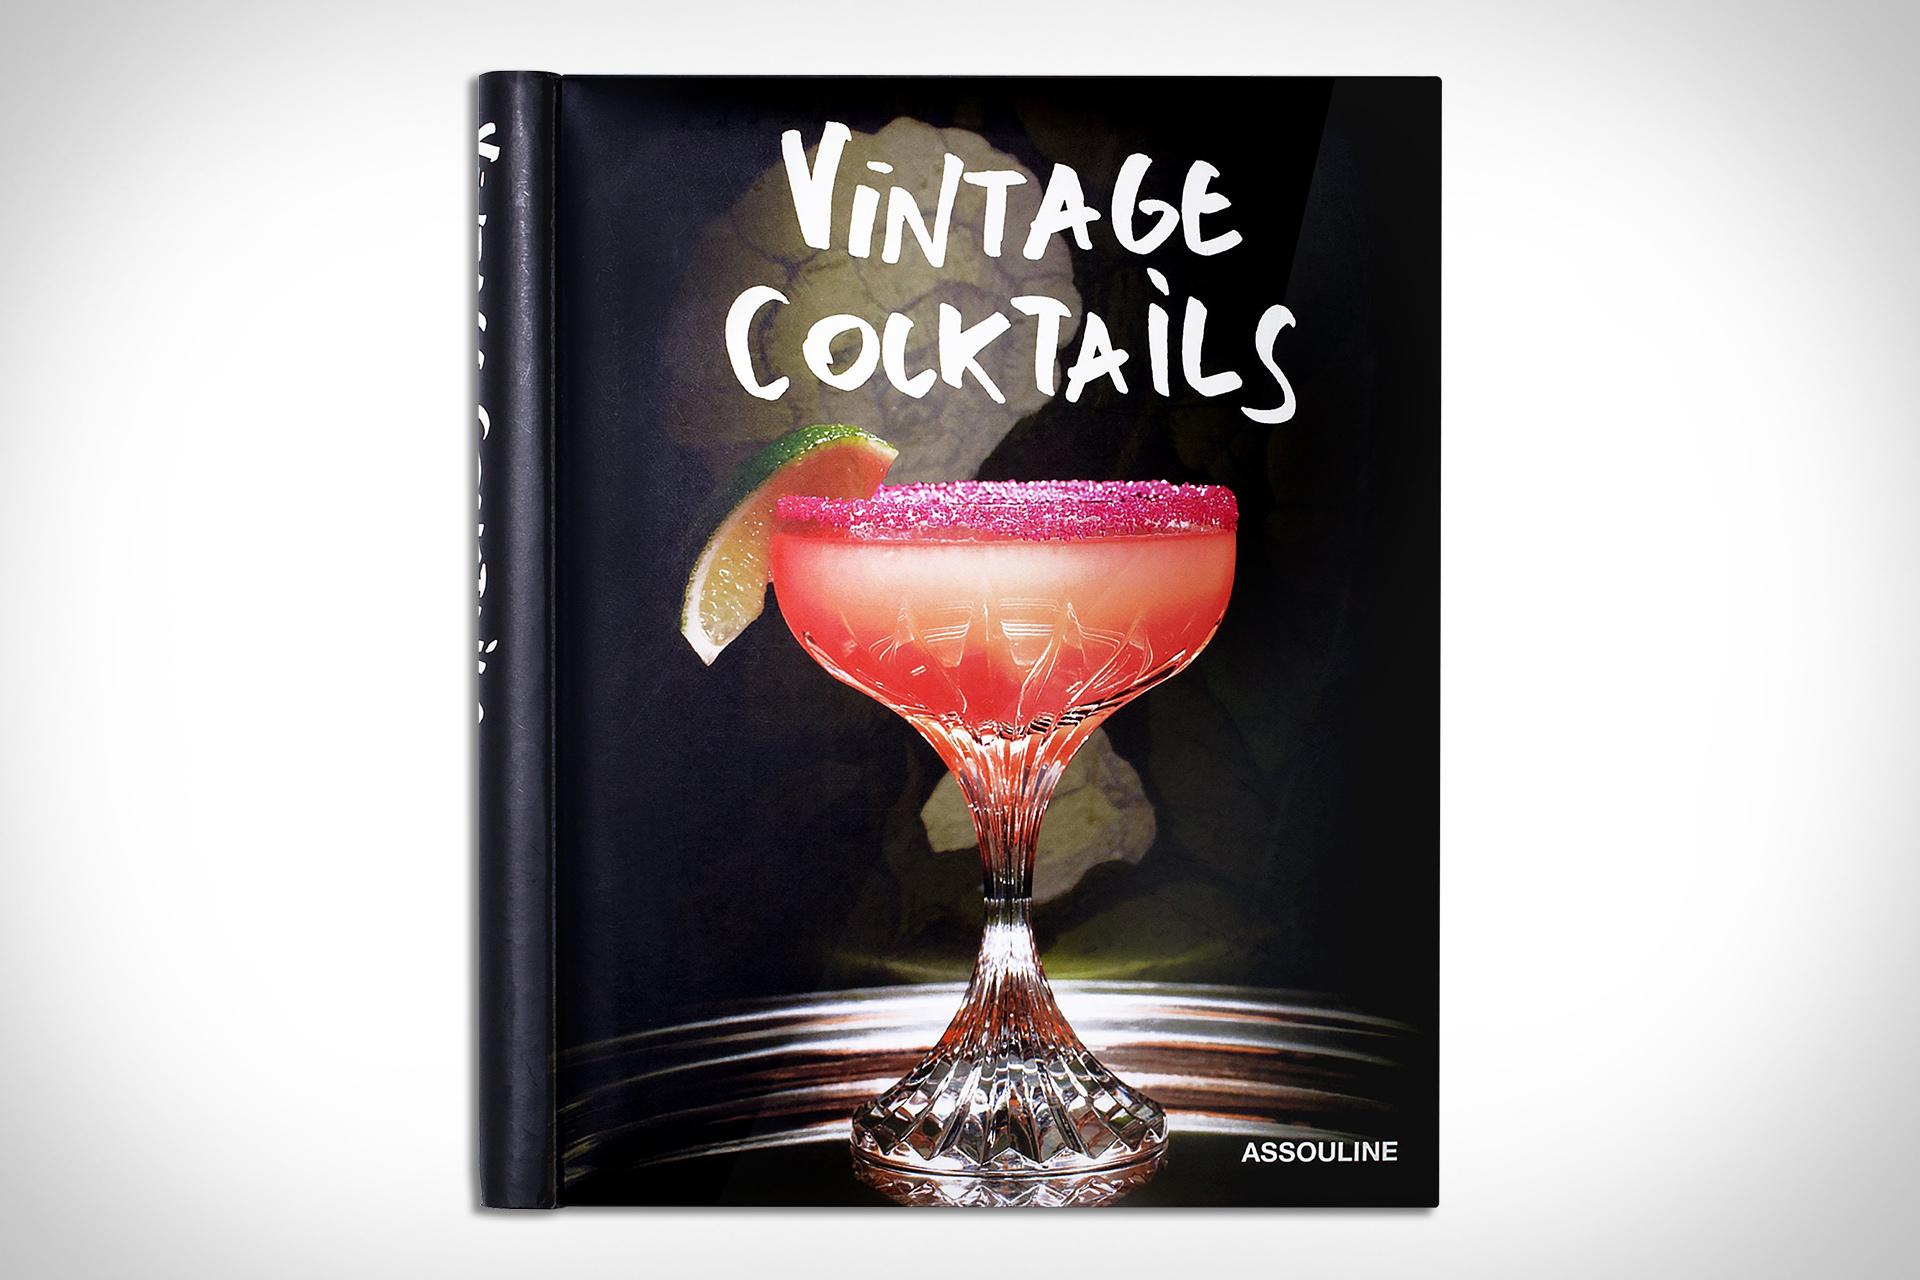 Le Livre Vintage Cocktails